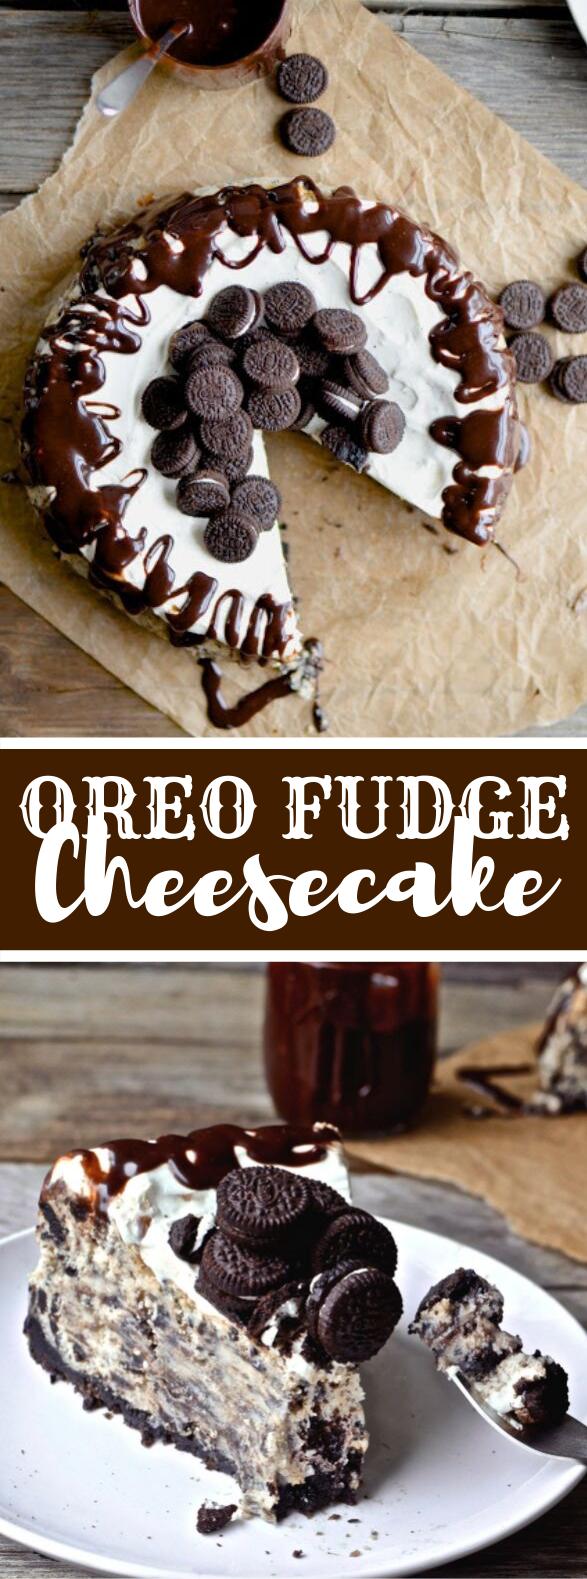 Oreo Fudge Cheesecake #desserts #cake